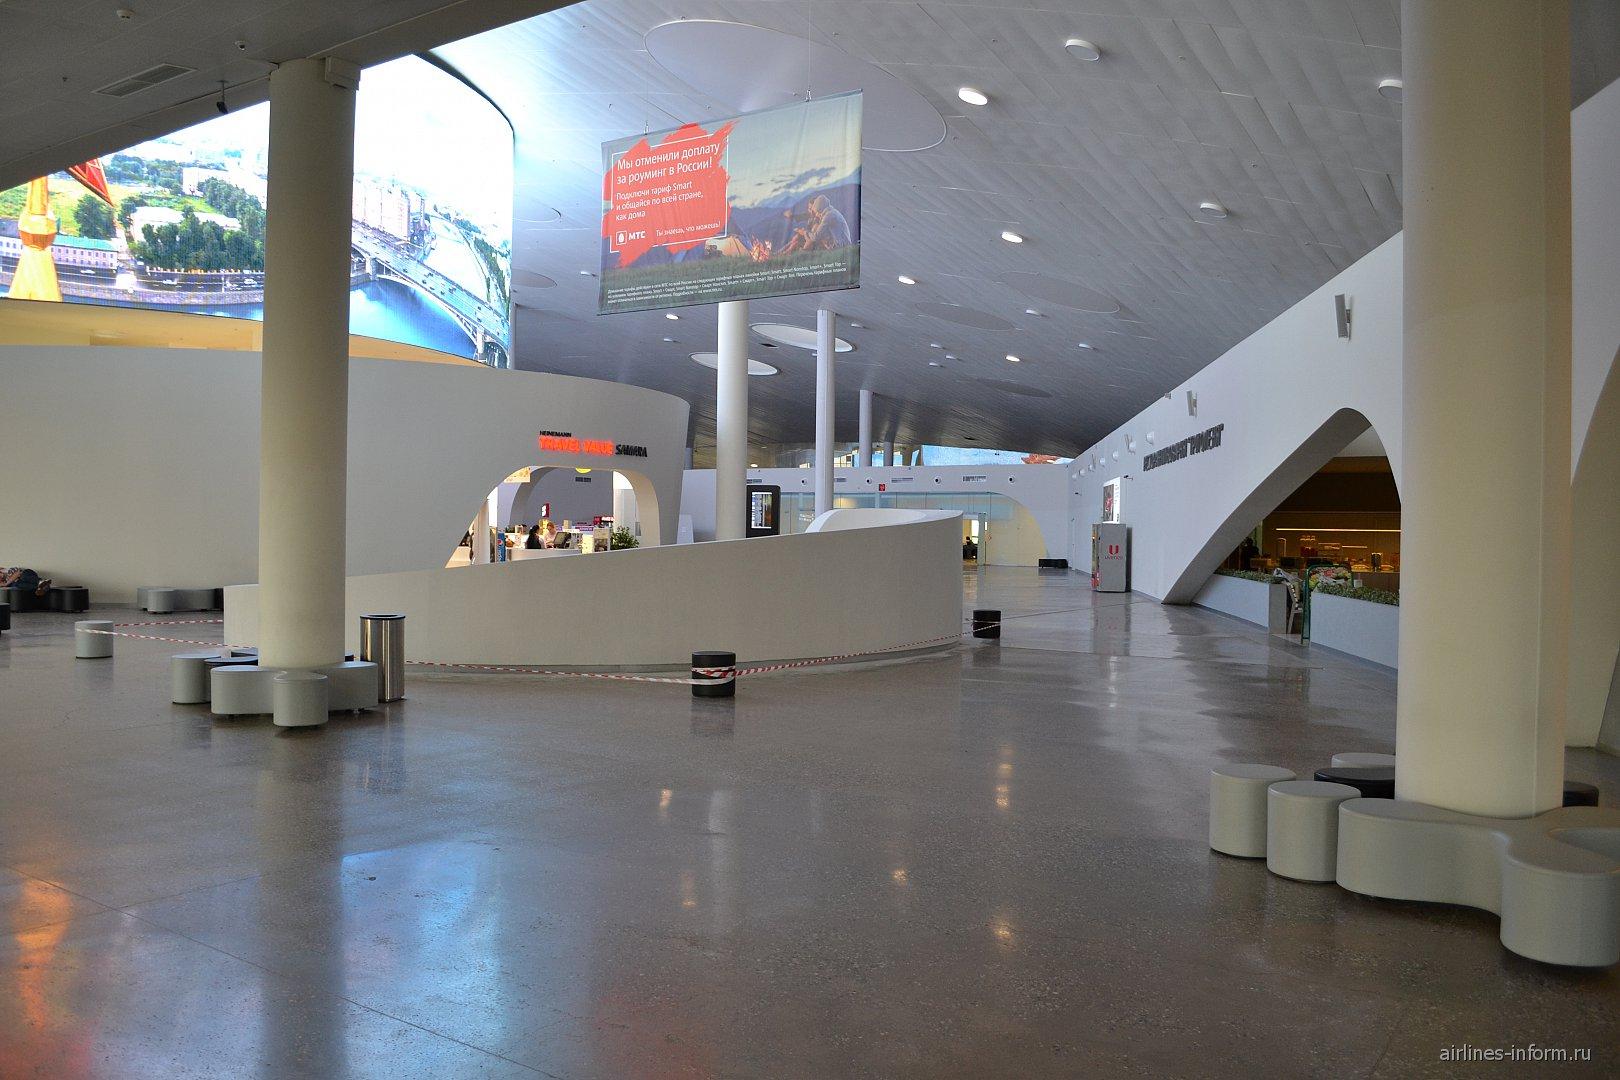 Зона магазинов и кафе в чистой зоне аэропорта Самара Курумоч